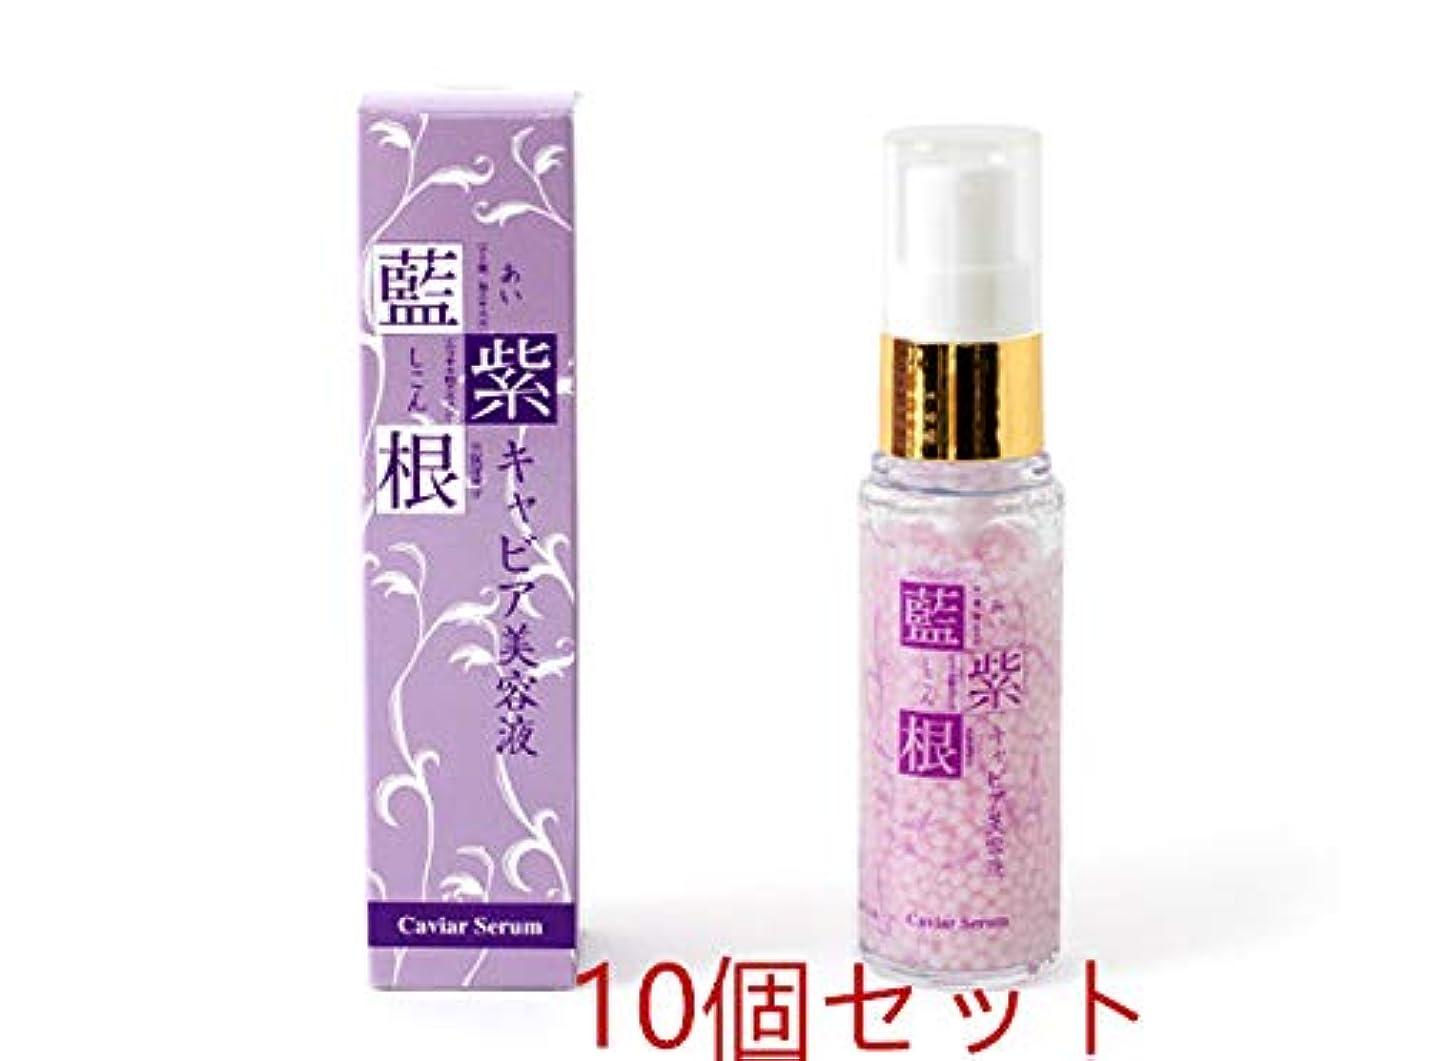 適性マーベル春藍と紫根のキャビア美容液 30g 10個セット